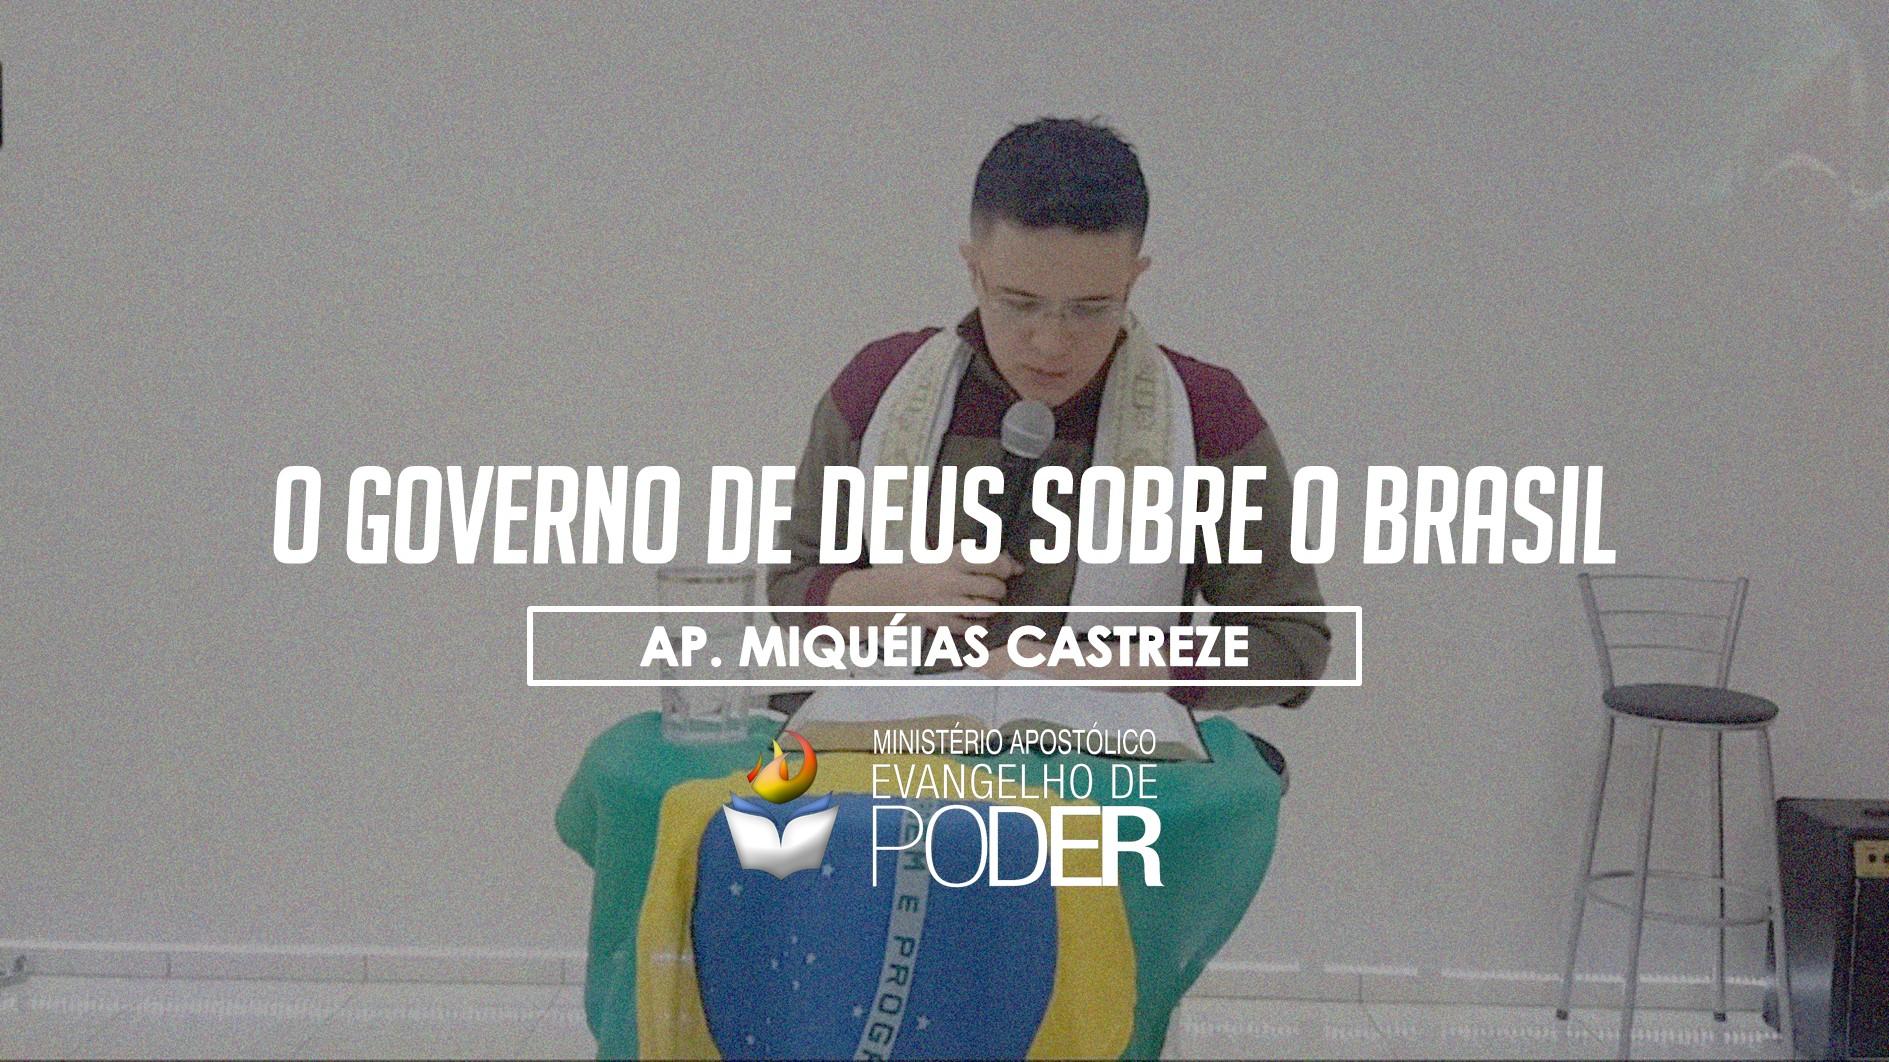 O GOVERNO DE DEUS SOBRE O BRASIL